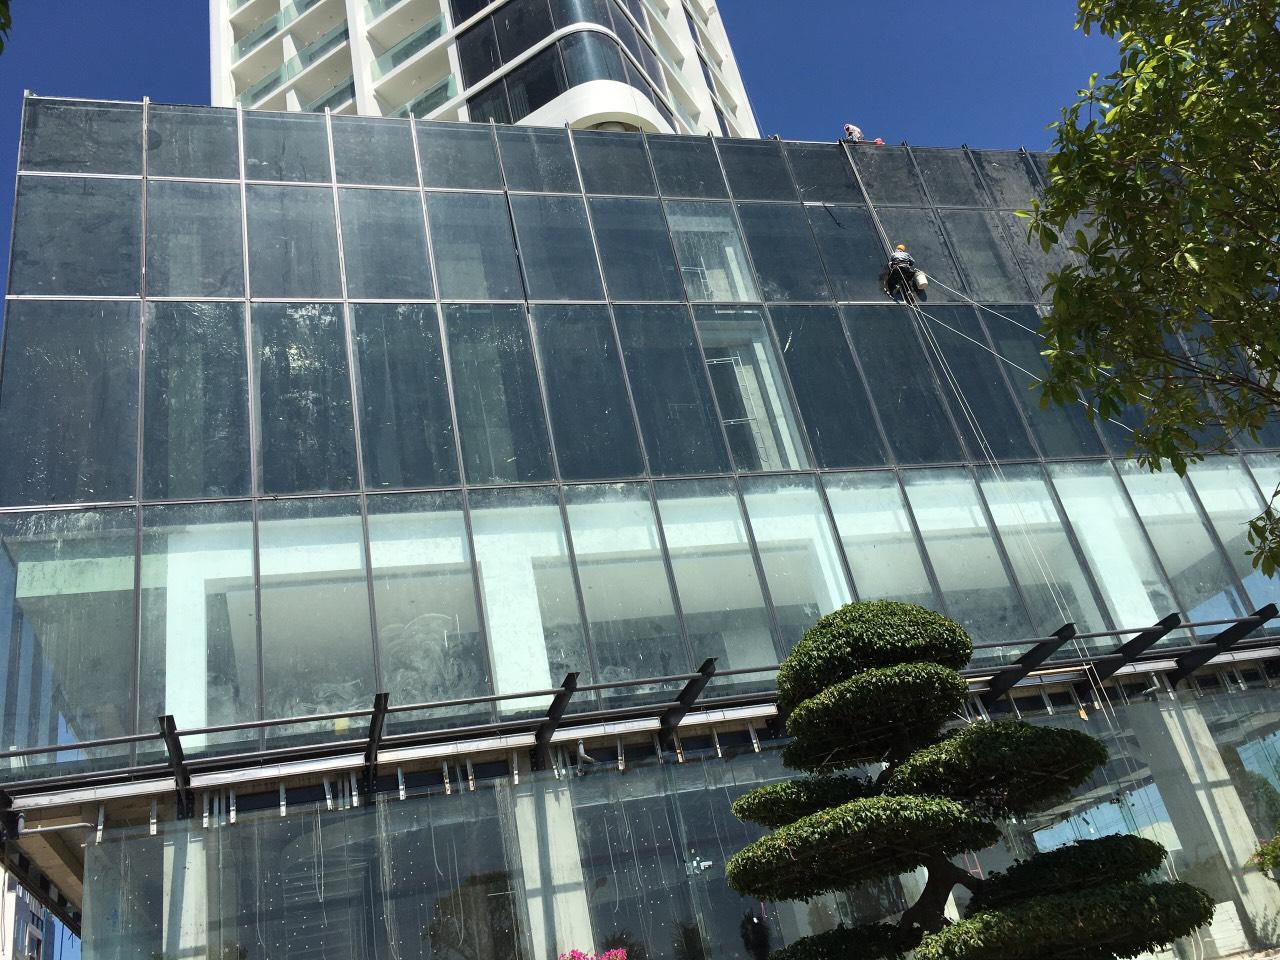 Dán phim cách nhiệt cho tổ hợp khách sạn Scenia Bay – Nha Trang